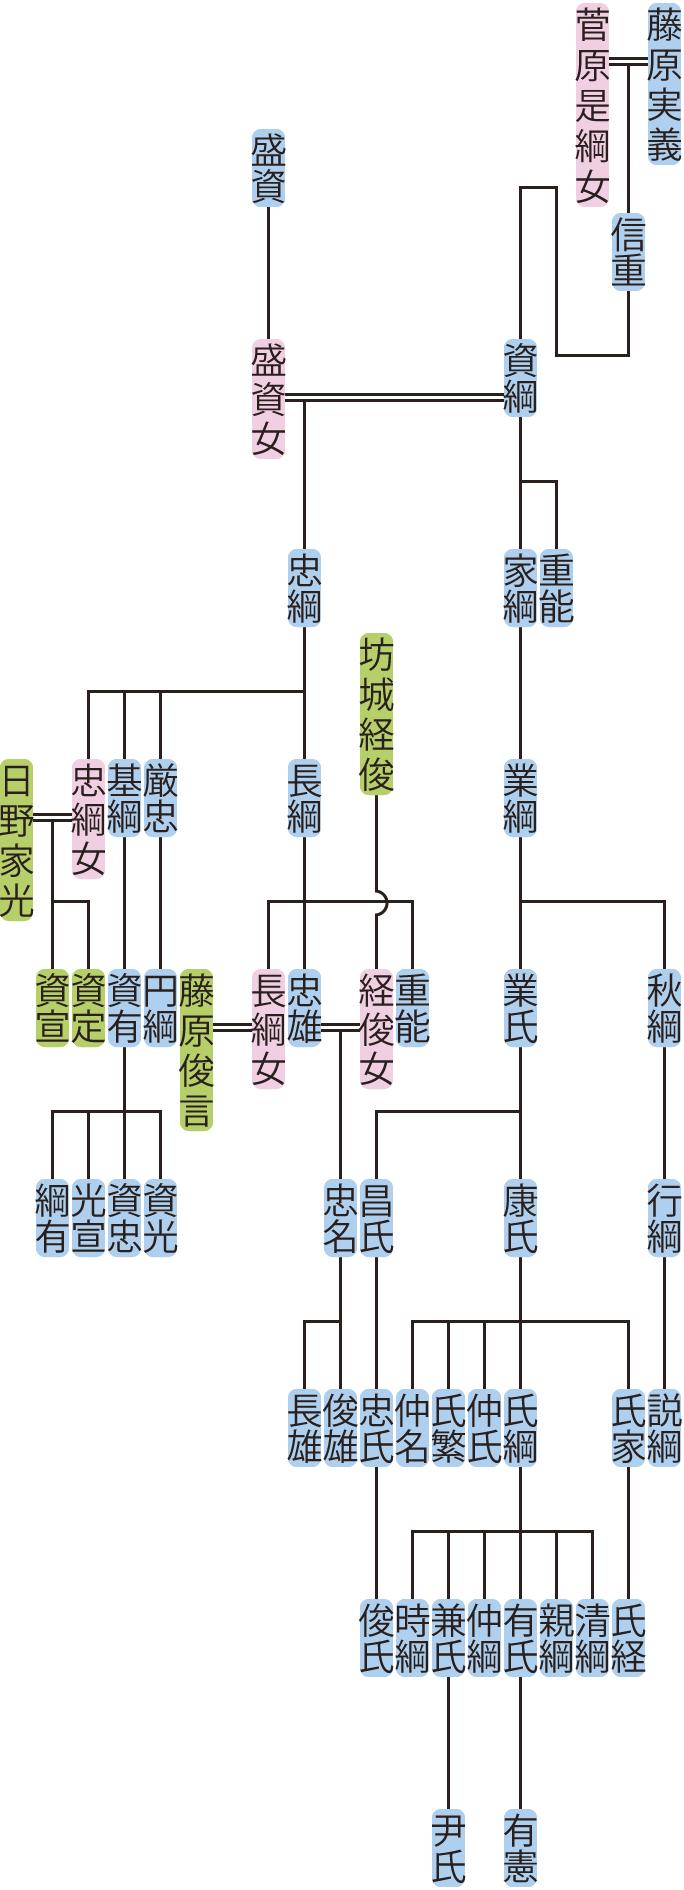 藤原資綱の系図